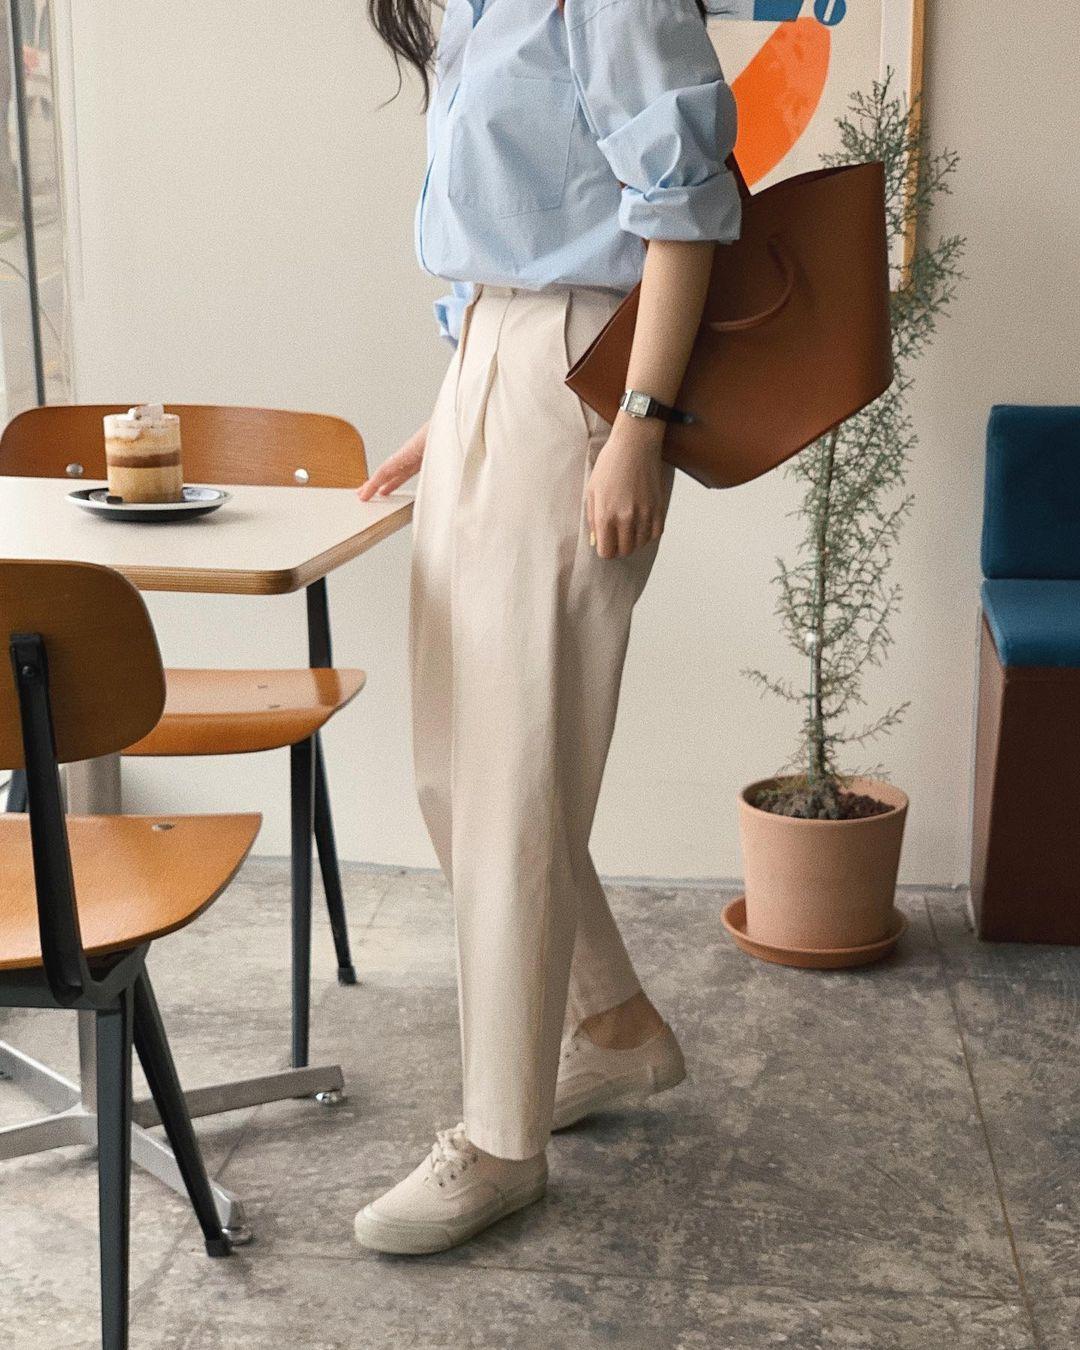 5 mẫu giày dép gái Hàn đang chuộng mix với quần âu để sang chảnh hóa cả set đồ công sở - Ảnh 1